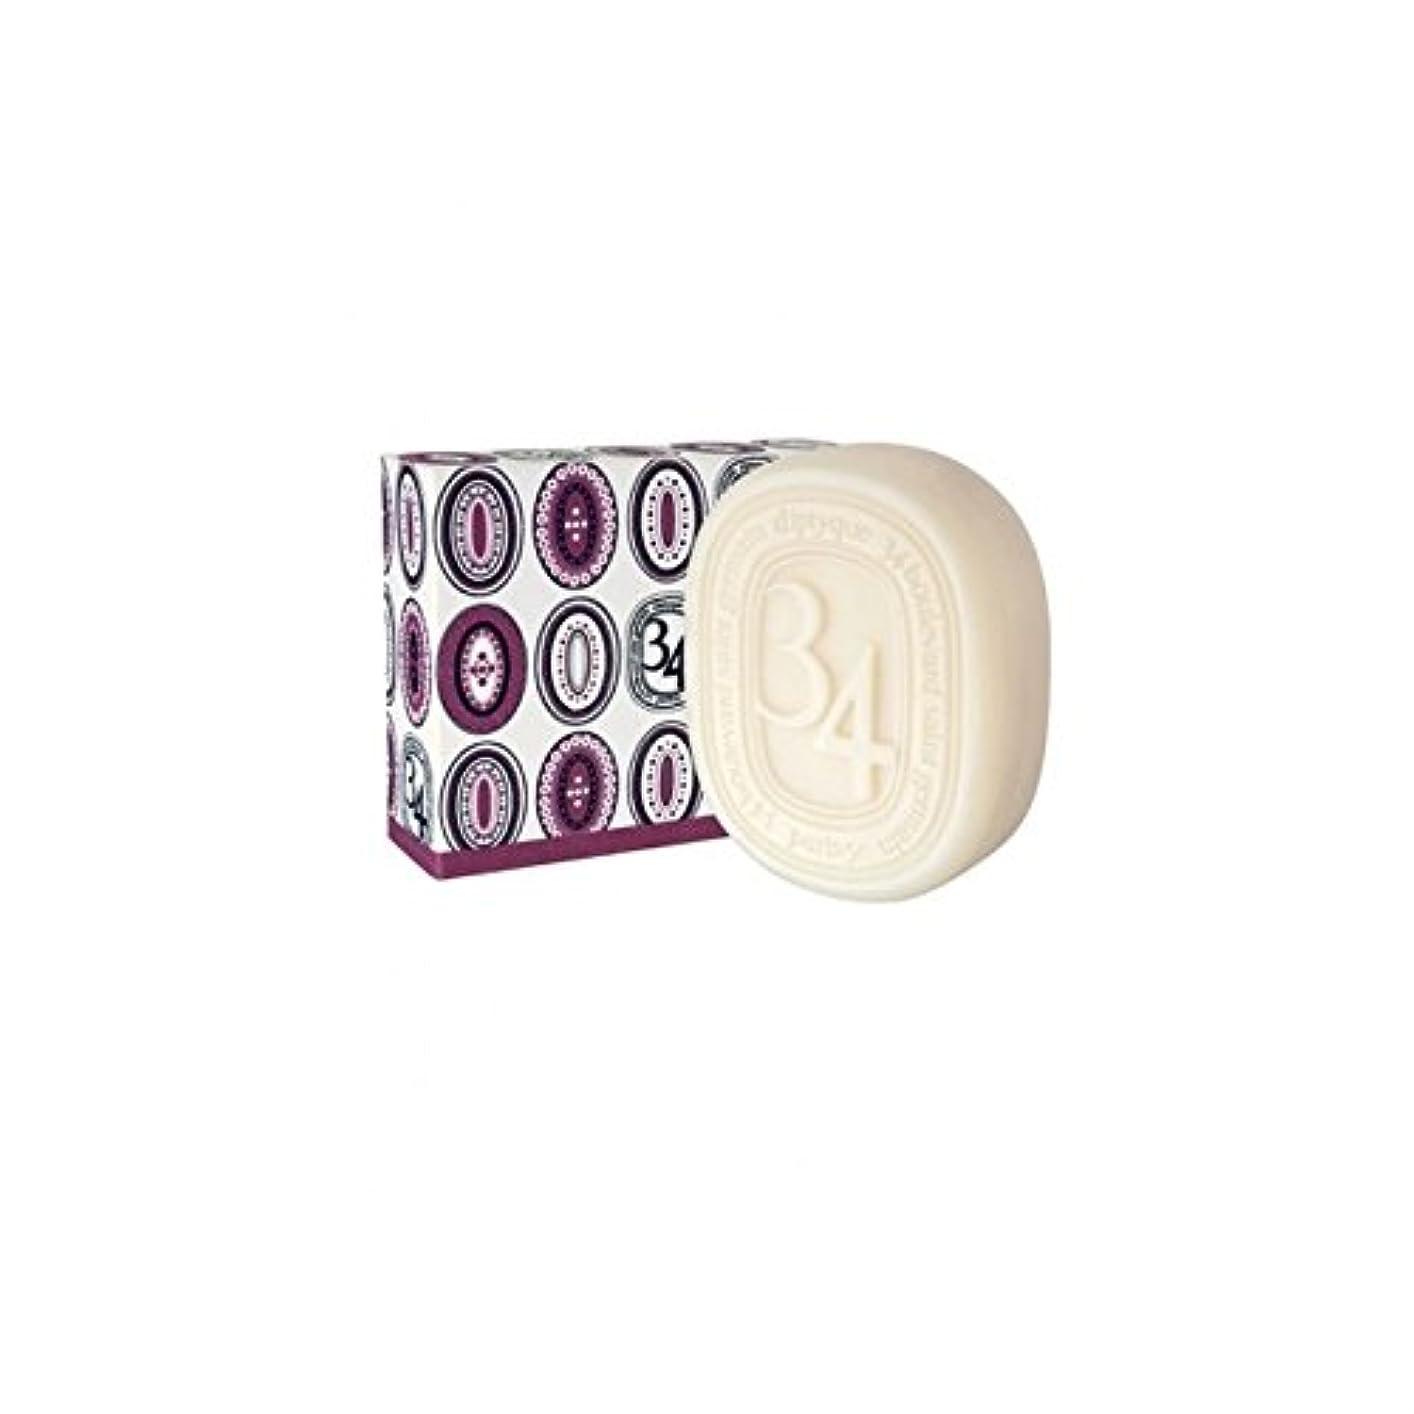 東ティモール神秘可決Diptyque Collection 34 Boulevard Saint Germain Soap 100g (Pack of 2) - Diptyqueコレクション34大通りサンジェルマン石鹸100グラム (x2) [並行輸入品]